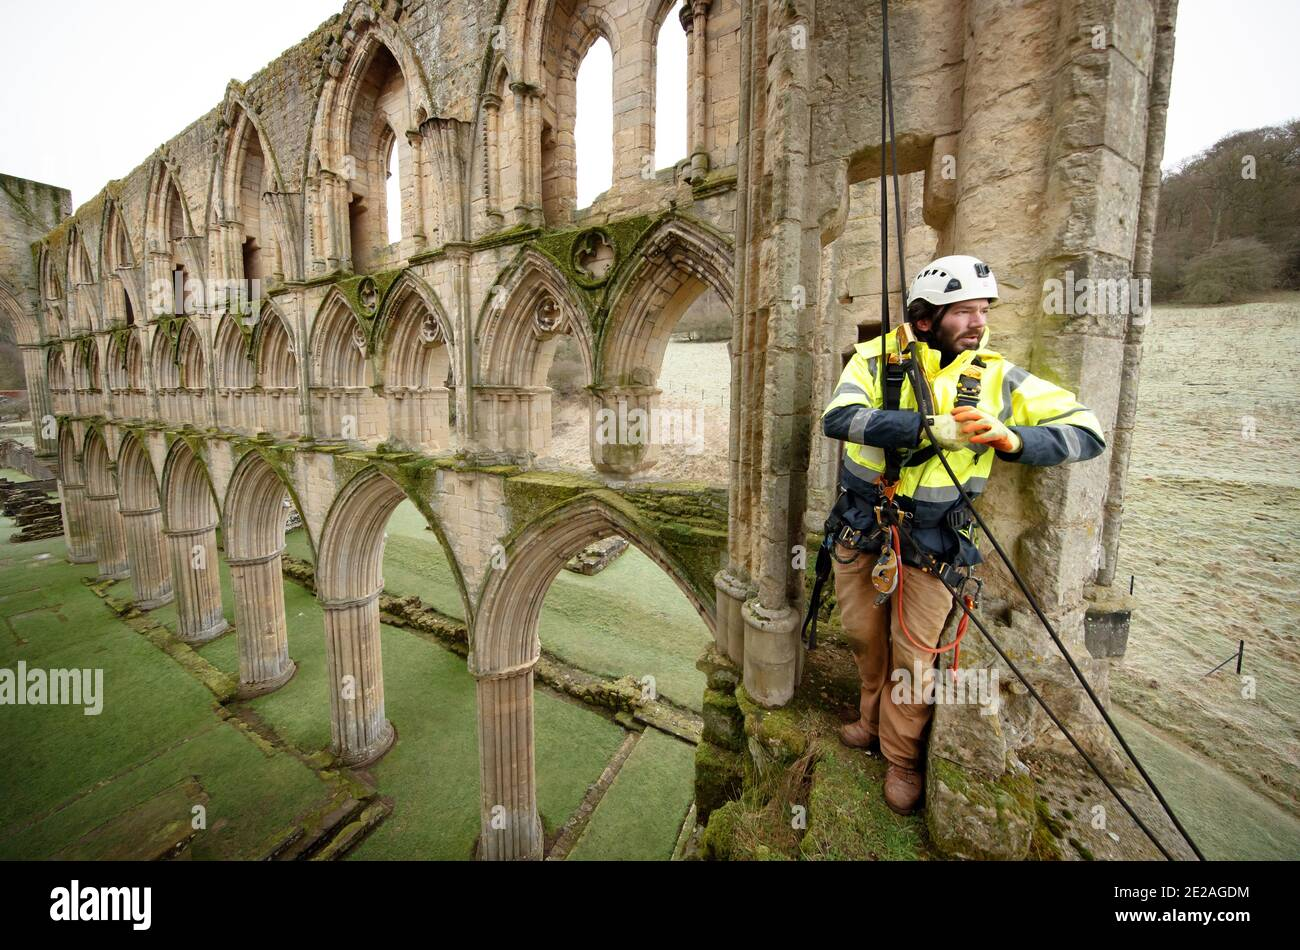 Der Steinmetz James Preston von SSH Conservation, untersucht die Rievaulx Abbey in North Yorkshire, da sich English Heritage darauf vorbereitet, wichtige Naturschutzarbeiten durchzuführen. English Heritage beauftragt eine Untersuchung der Abtei Rievaulx in einem fünfjährigen Zyklus, um den Zustand der Abtei vom Boden bis zur Spitze der Struktur zu beurteilen. Stockfoto